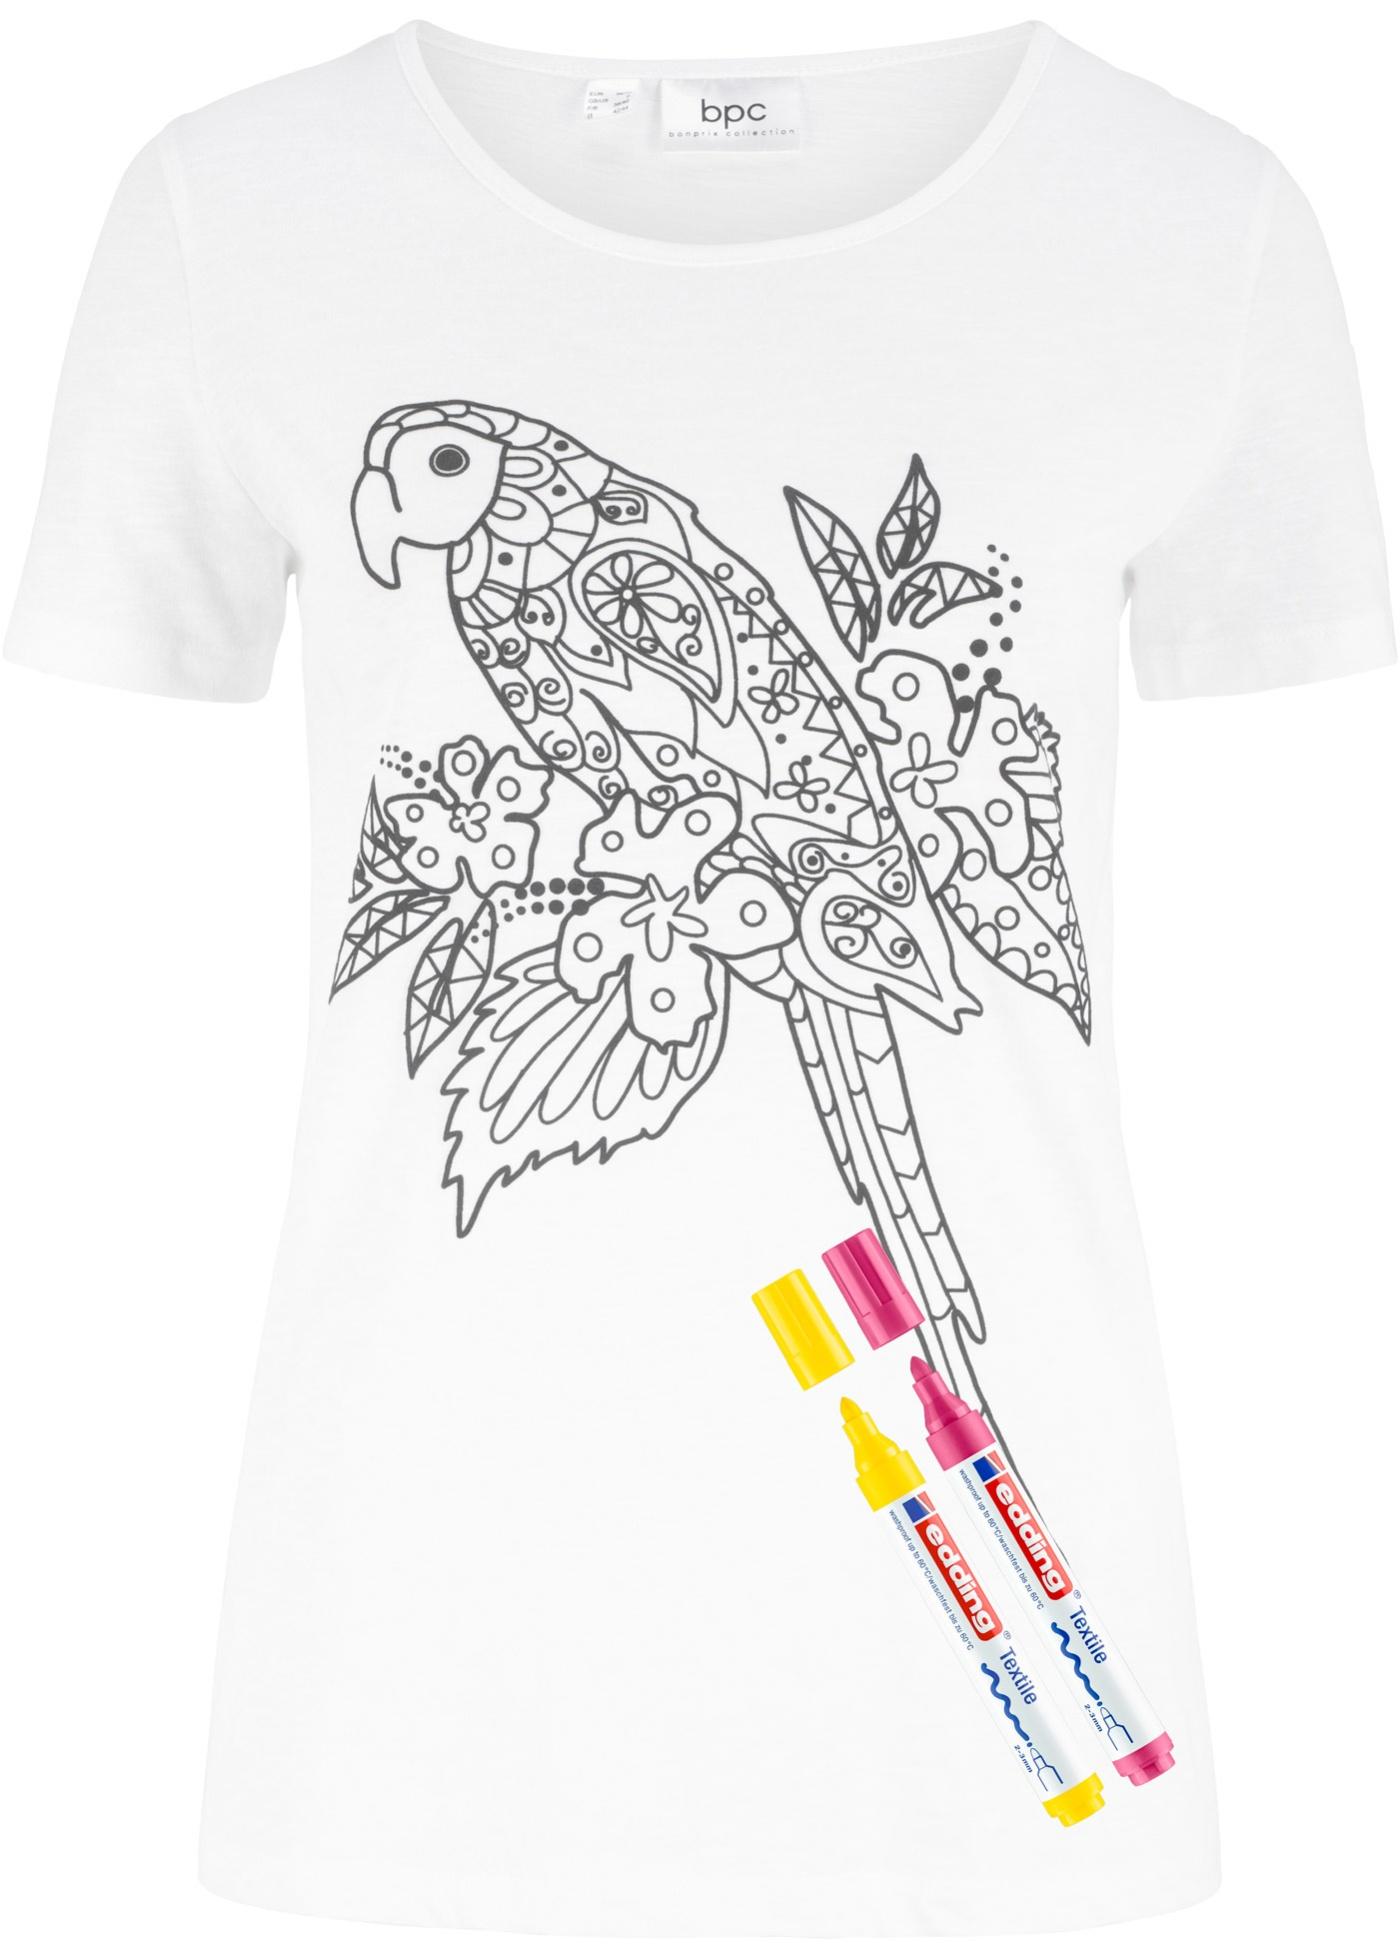 Bonprix Manches CollectionT InclusBlanc shirt Bpc Pour Coloriageavec Feutres Femme Courtes 2 4Ajq35ScLR